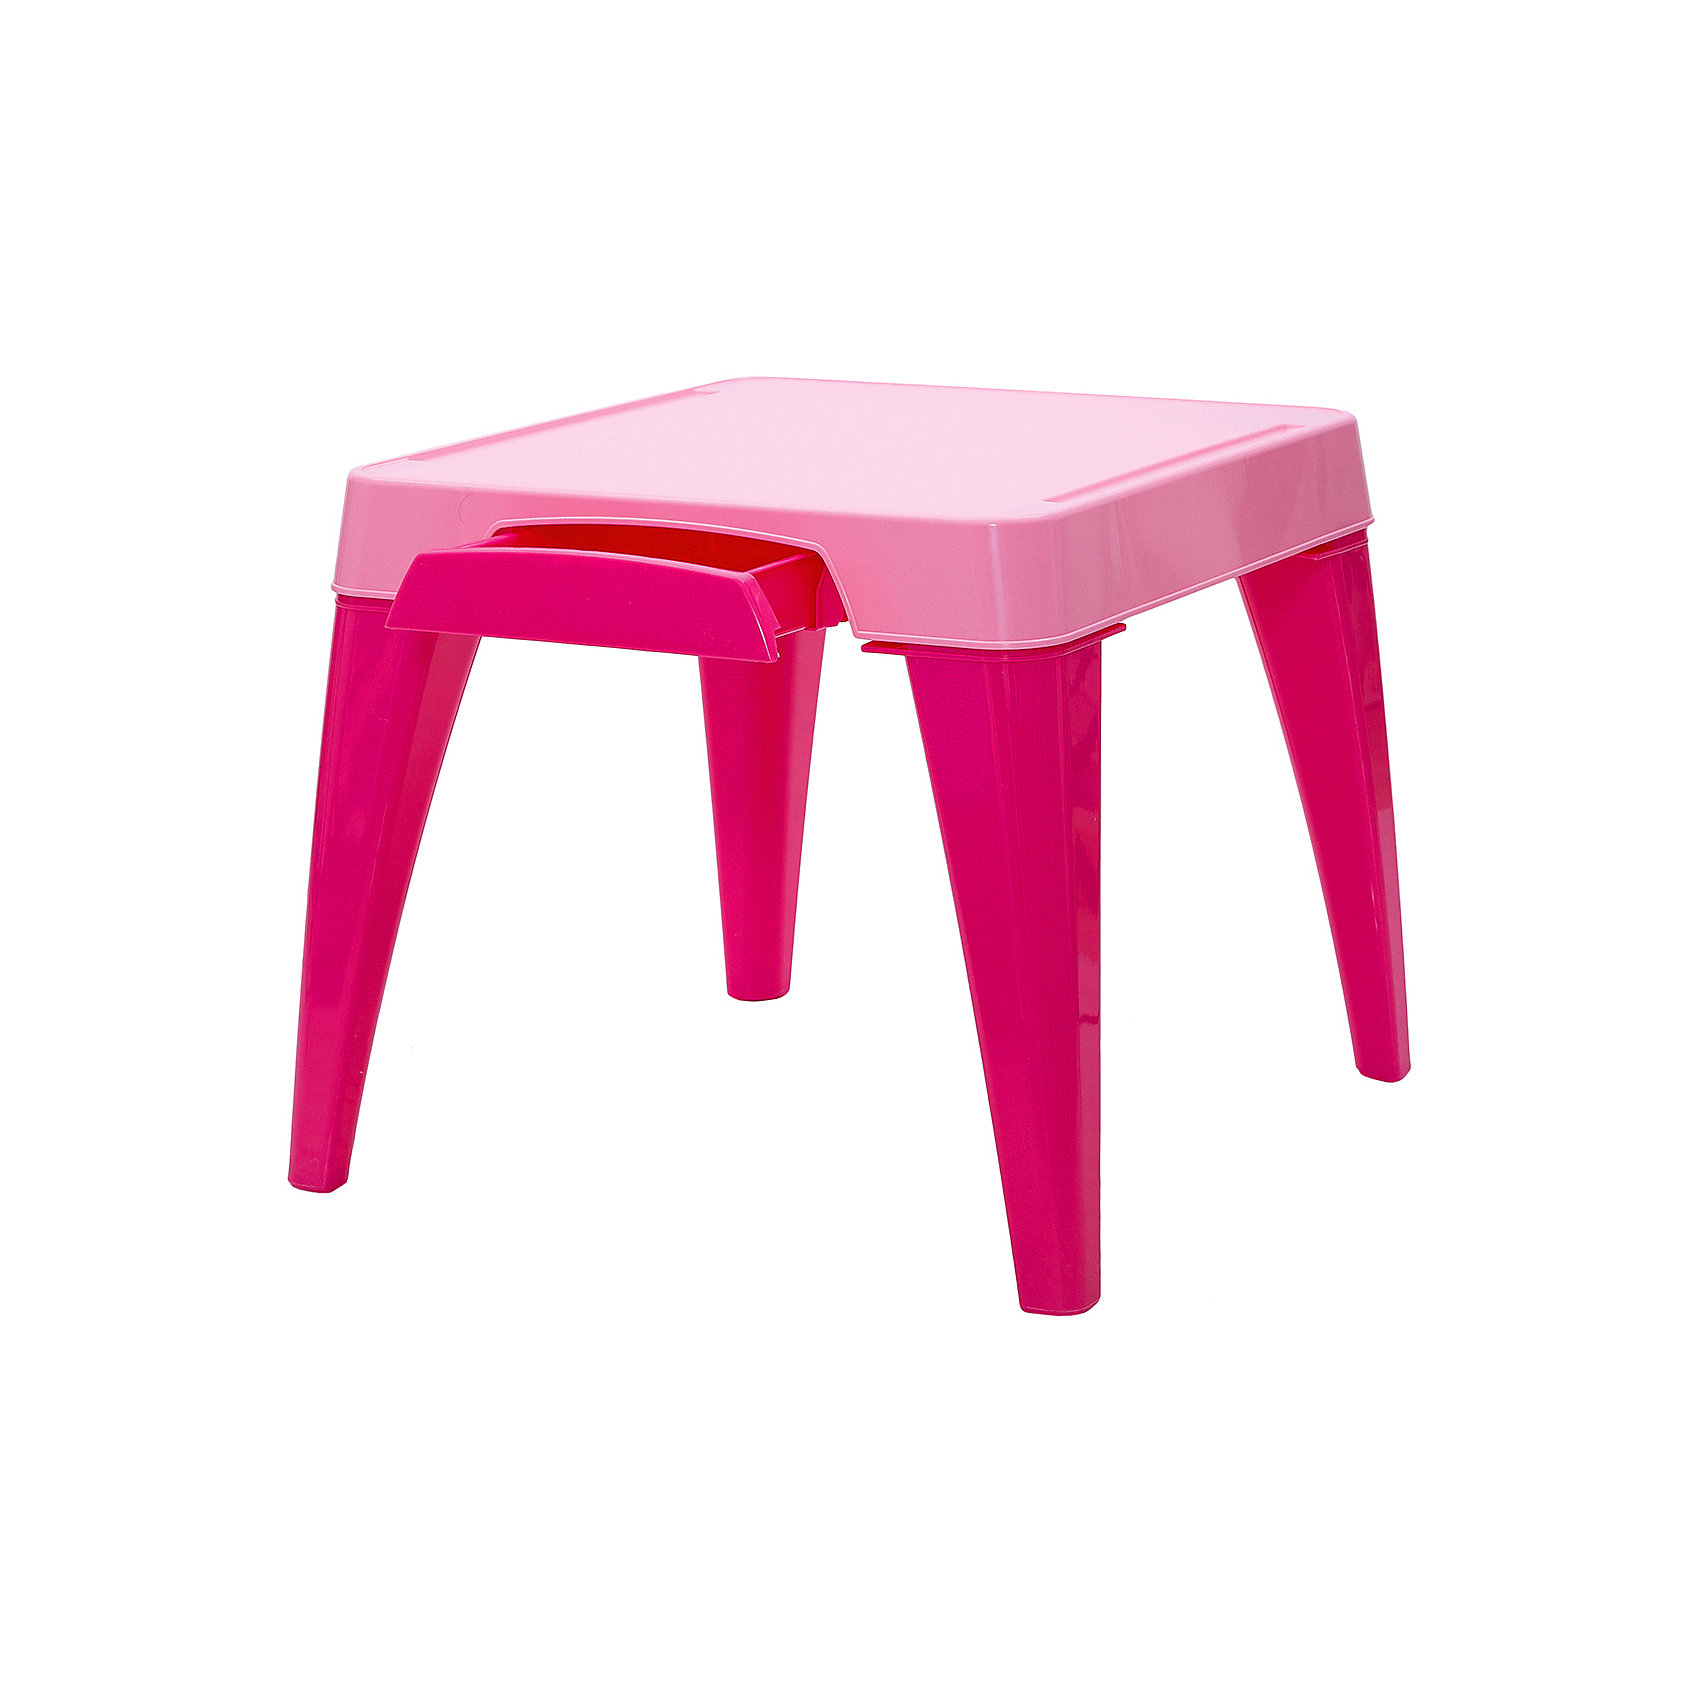 Детский стол Я расту, Little Angel, розовыйДетский стол Я расту, Little Angel, розовый ? это детская мебель серии Я расту от отечественного производителя . Детский стол изготовлен из экологически безопасных материалов ? полипропилена и ПВХ ? это сочетание обеспечивает легкость мебели, прочность, устойчивость к физическим и химическим воздействиям. Окраска стола обладает высокой устойчивостью цвета к внешним воздействиям. <br>Детский стол Я расту, Little Angel, розовый предназначен для детей в возрасте от 2-х лет, подходит для приема пищи, занятий или игр. Является абсолютно безопасным с точки зрения эксплуатации для маленьких детей: у столешницы закругленные углы, ножки стола имеют округлую форму. Сбоку столешницы имеется выдвижной ящик, в котором удобно будет хранить карандаши, фломастеры и краски. На столешнице имеются углубления, что защищает от падения на пол канцелярских принадлежностей, а также не позволяет пролившейся воде из стаканчика стечь на пол или ковер. На ножках стола имеются прорезиненные накладки, которые обеспечивают хорошее сцепление практически с любой поверхностью. <br>Детский стол Я расту, Little Angel, розовый ? идеальное решение для оформления детского уголка не только дома, но и на даче.<br><br>Дополнительная информация:<br><br>- Предназначение: для дома, для детских садов, для детских развивающих центров<br>- Цвет: розовый<br>- Пол: для девочки<br>- Материал: полипропилен, ПВХ<br>- Размер (Д*Ш*В): 57*57*50 см<br>- Вес: 3 кг 588 г<br>- Особенности ухода: разрешается мыть теплой мыльной водой<br><br>Подробнее:<br><br>• Для детей в возрасте: от 2 лет и до 6 лет<br>• Страна производитель: Россия<br>• Торговый бренд: Little Angel<br><br>Детский стол Я расту, Little Angel, розовый можно купить в нашем интернет-магазине.<br><br>Ширина мм: 570<br>Глубина мм: 570<br>Высота мм: 150<br>Вес г: 3588<br>Возраст от месяцев: 24<br>Возраст до месяцев: 72<br>Пол: Женский<br>Возраст: Детский<br>SKU: 4881747